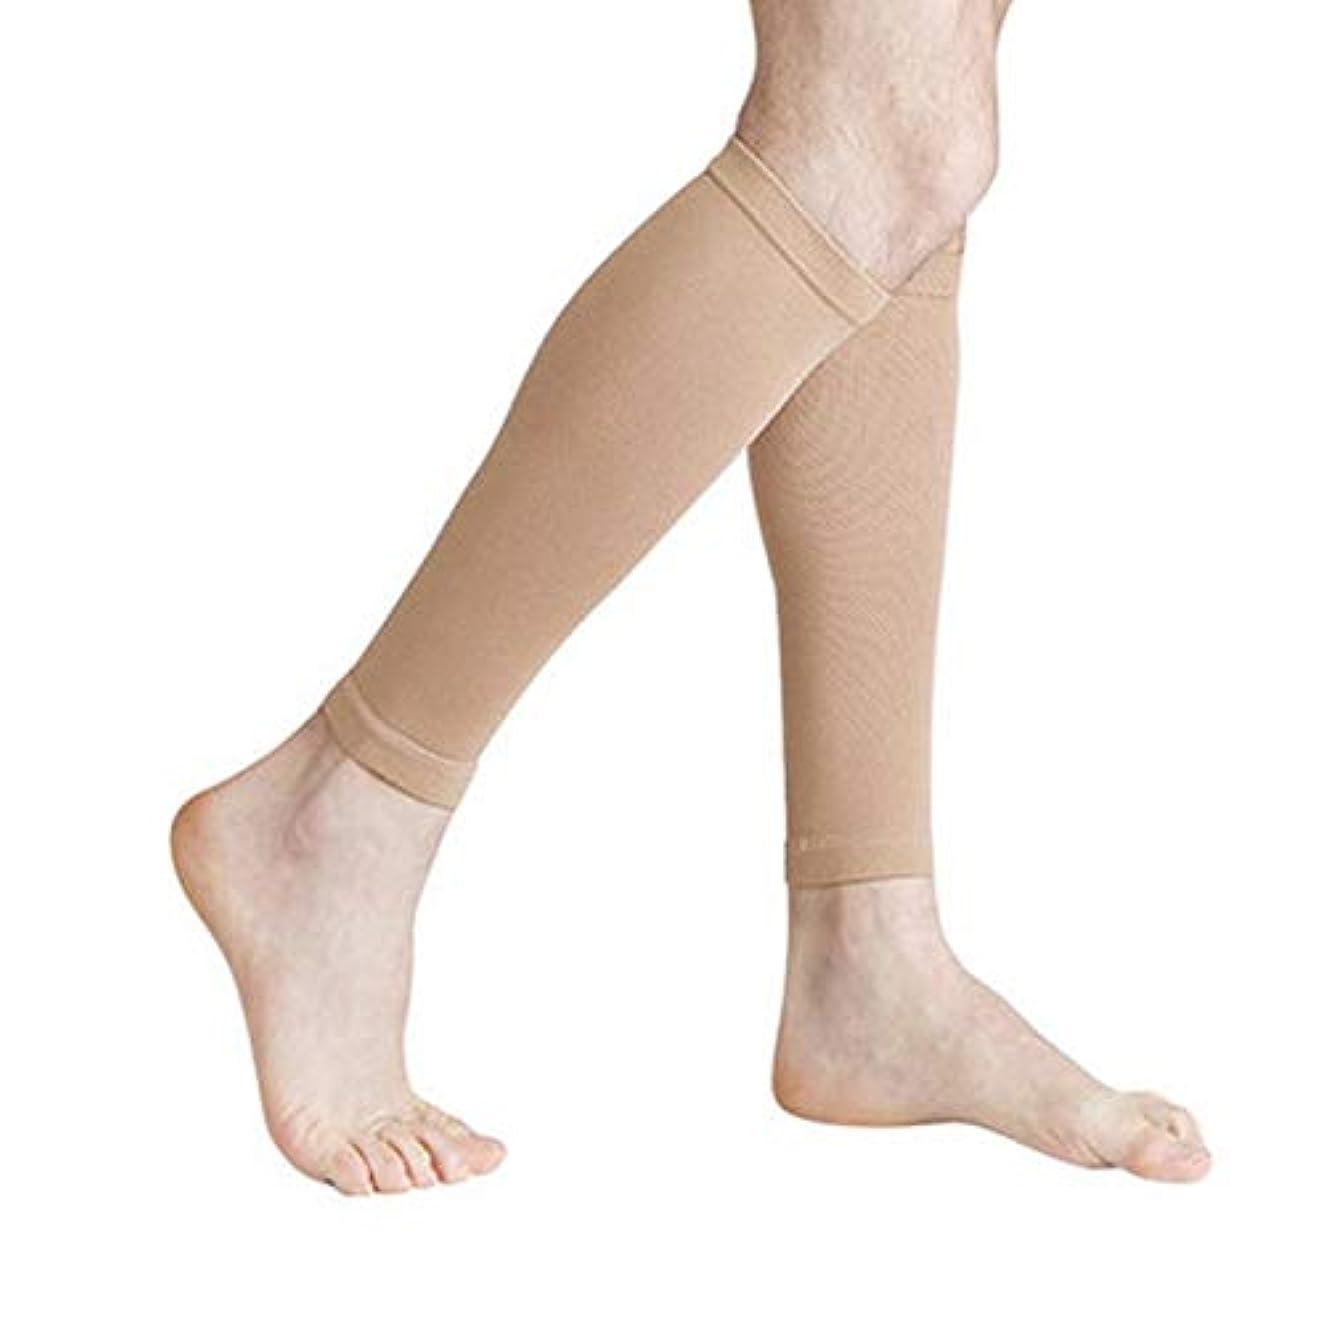 ファセット赤外線領収書丈夫な男性女性プロの圧縮靴下通気性のある旅行活動看護師用シントスプリントフライトトラベル - 肌色